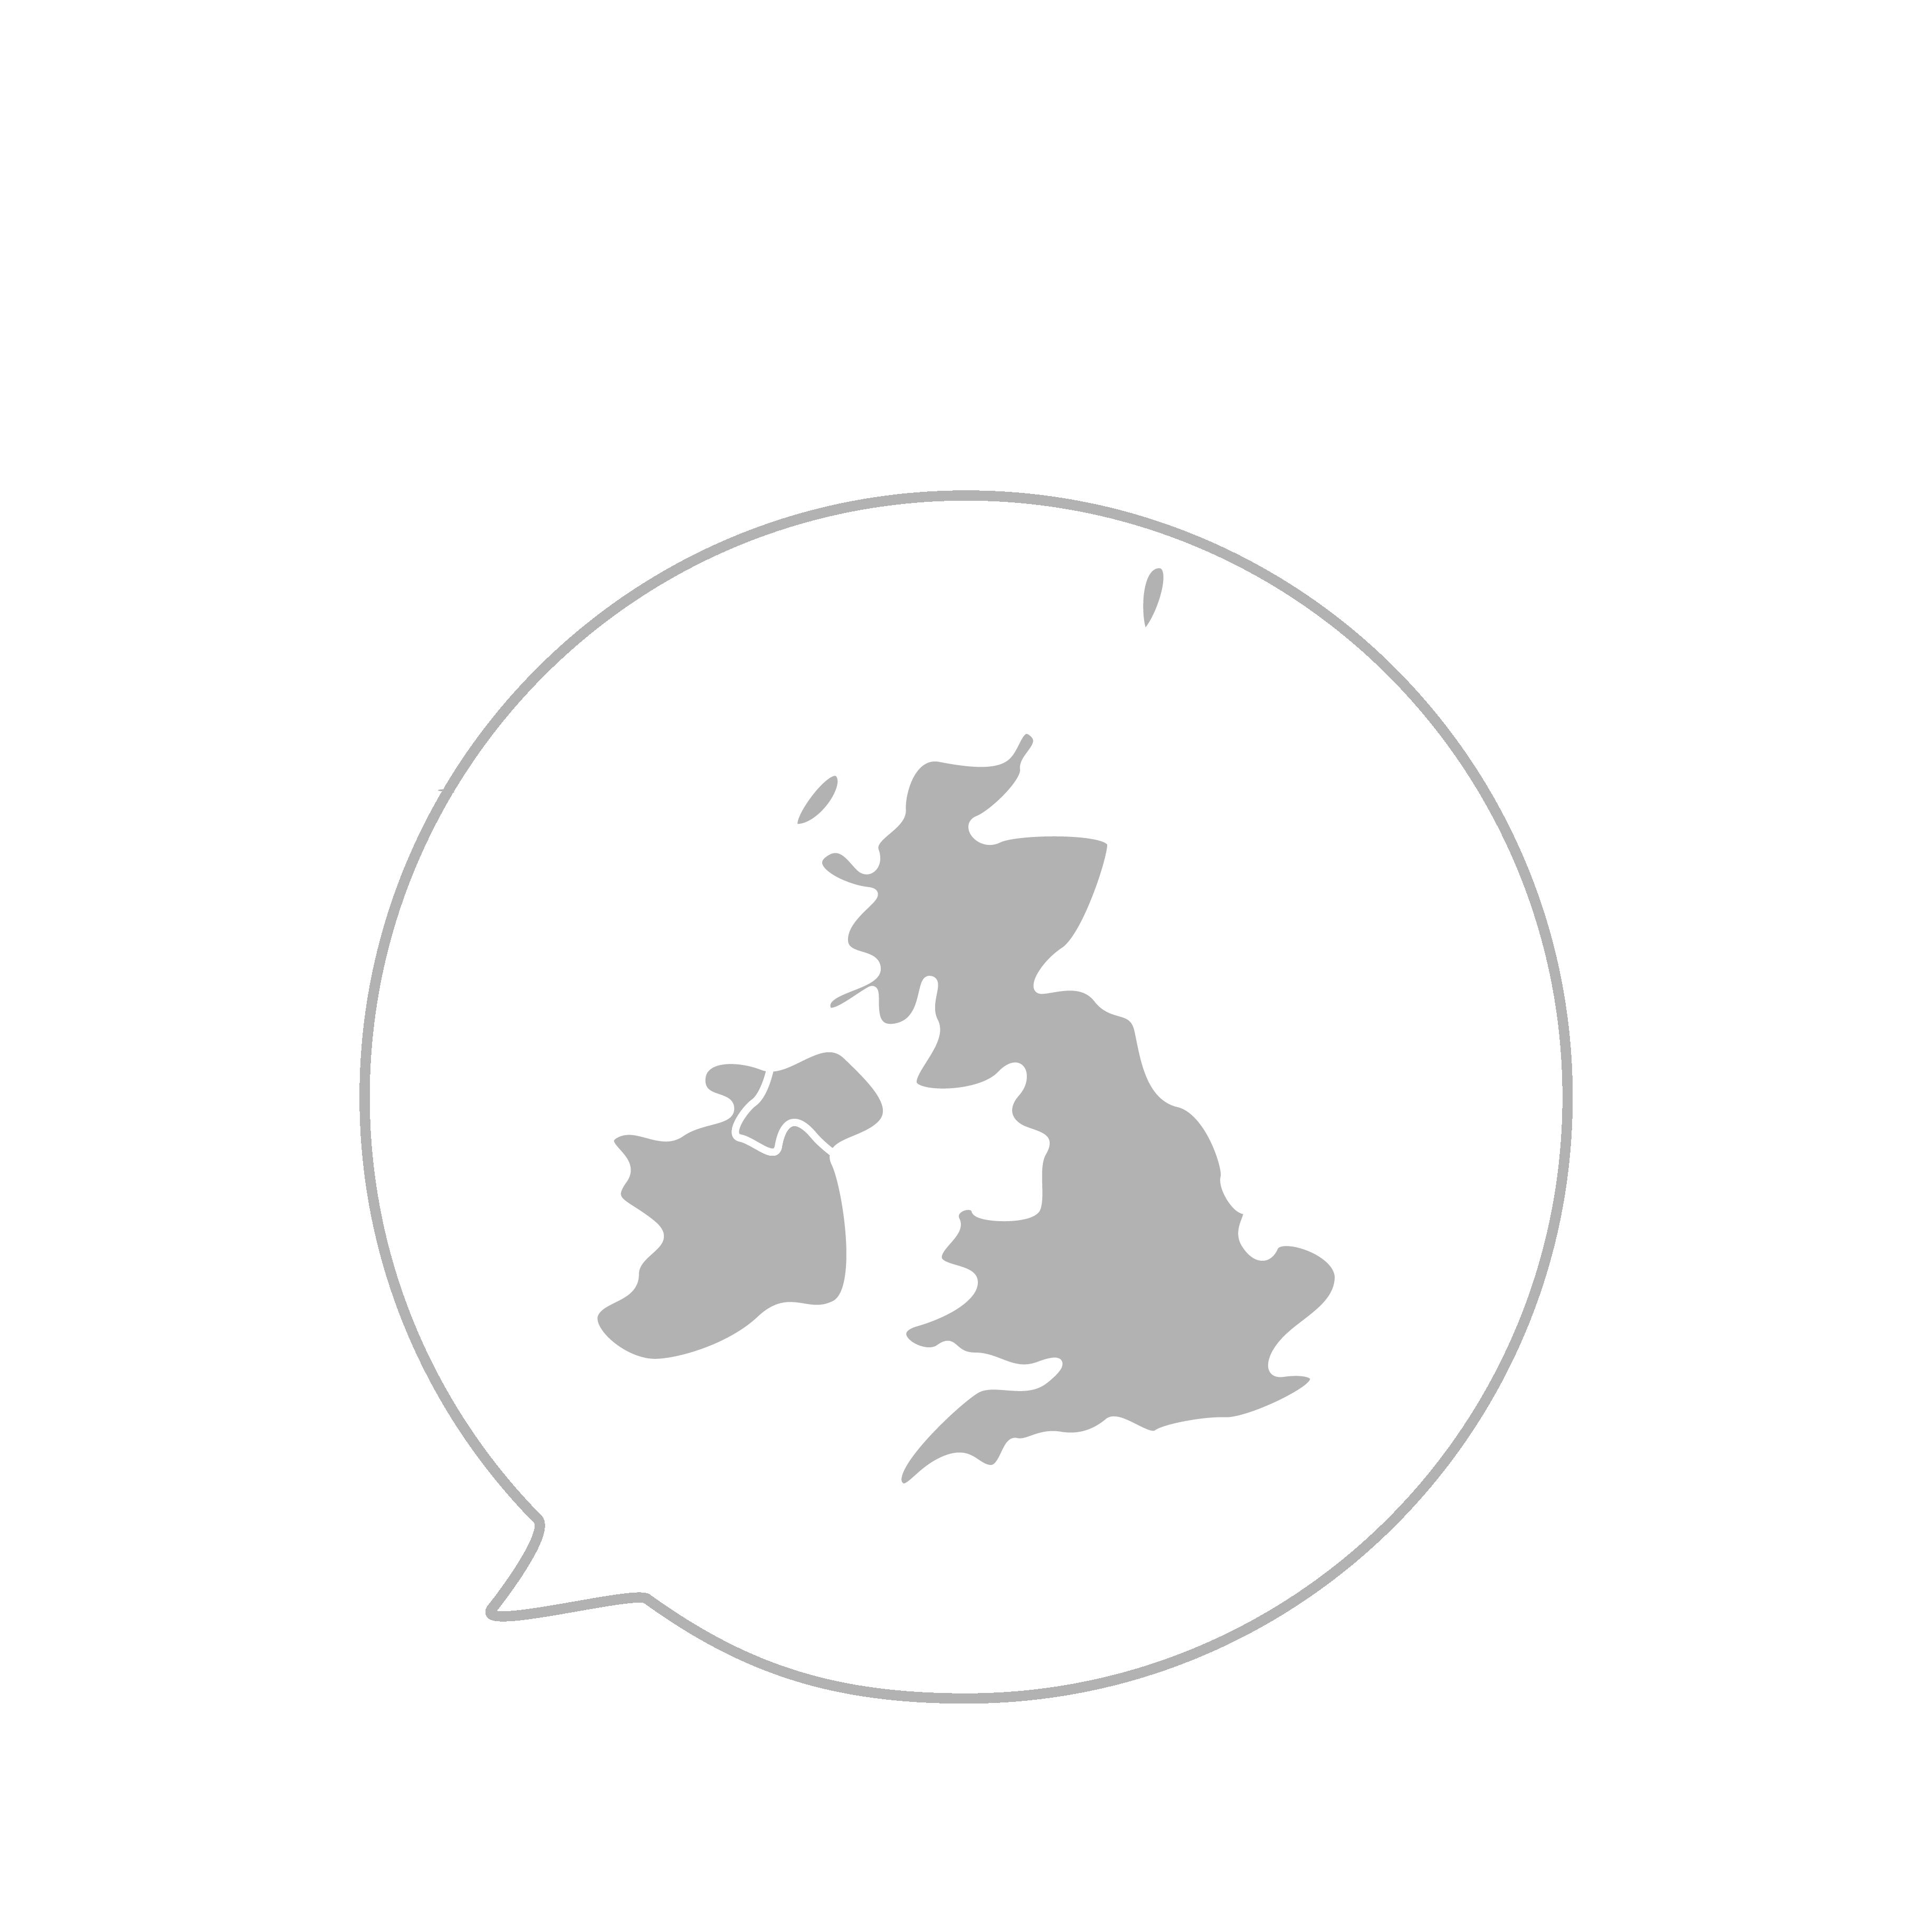 UK Contact Details